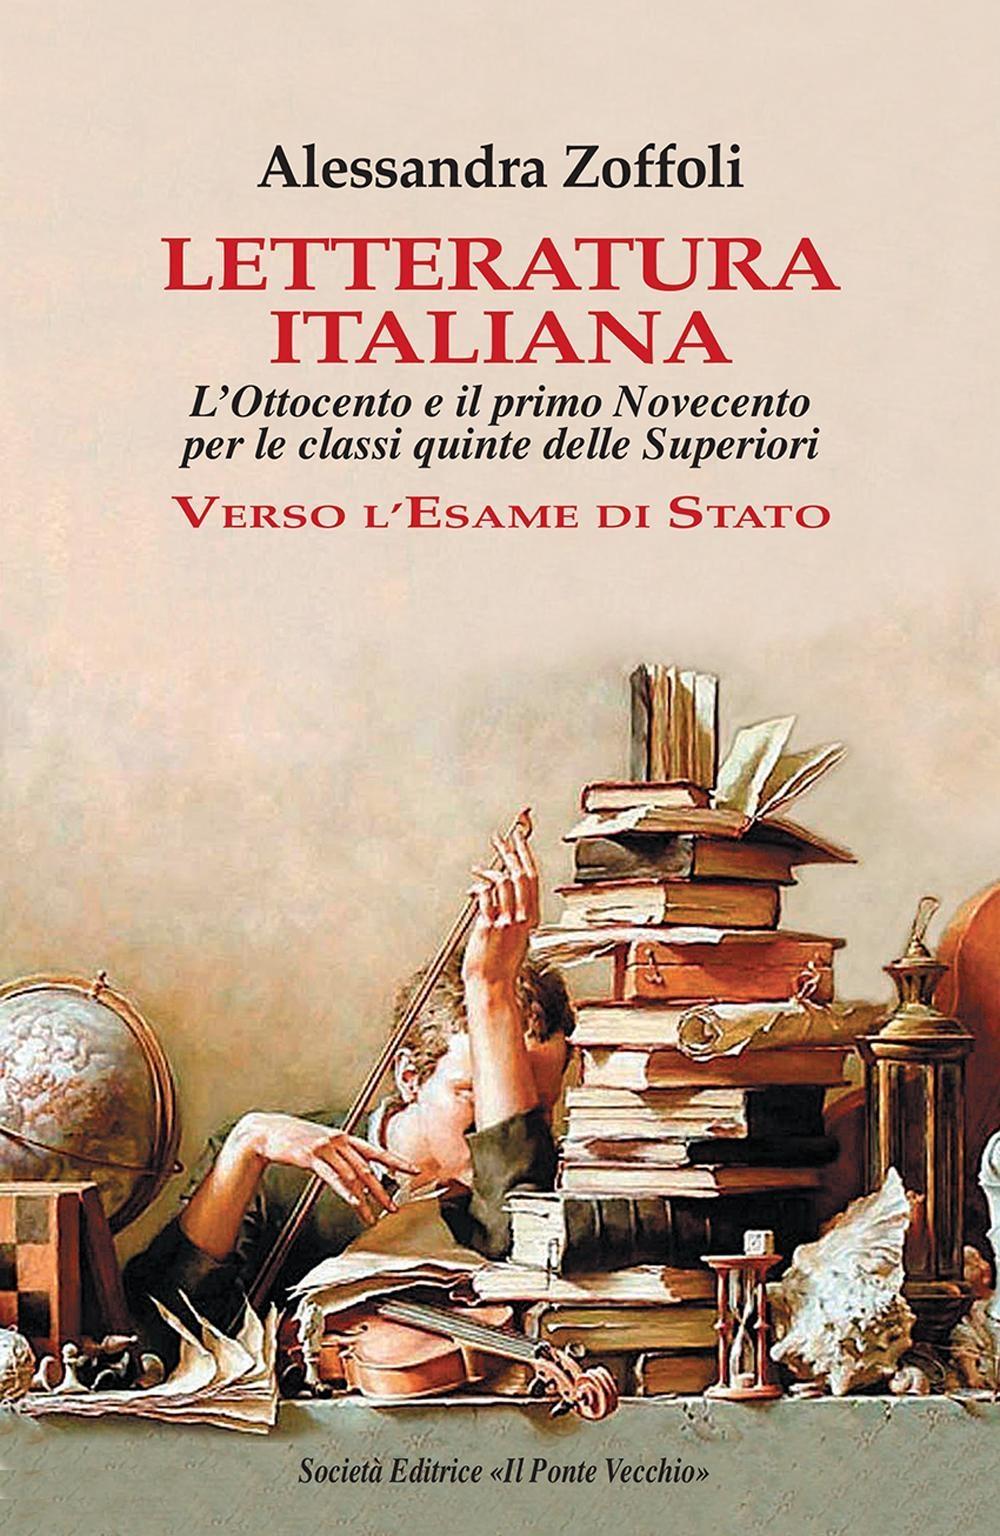 Letteratura italiana. L'Ottocento e il primo Novecento per le classi quinte delle superiori. Verso l'esame di Stato